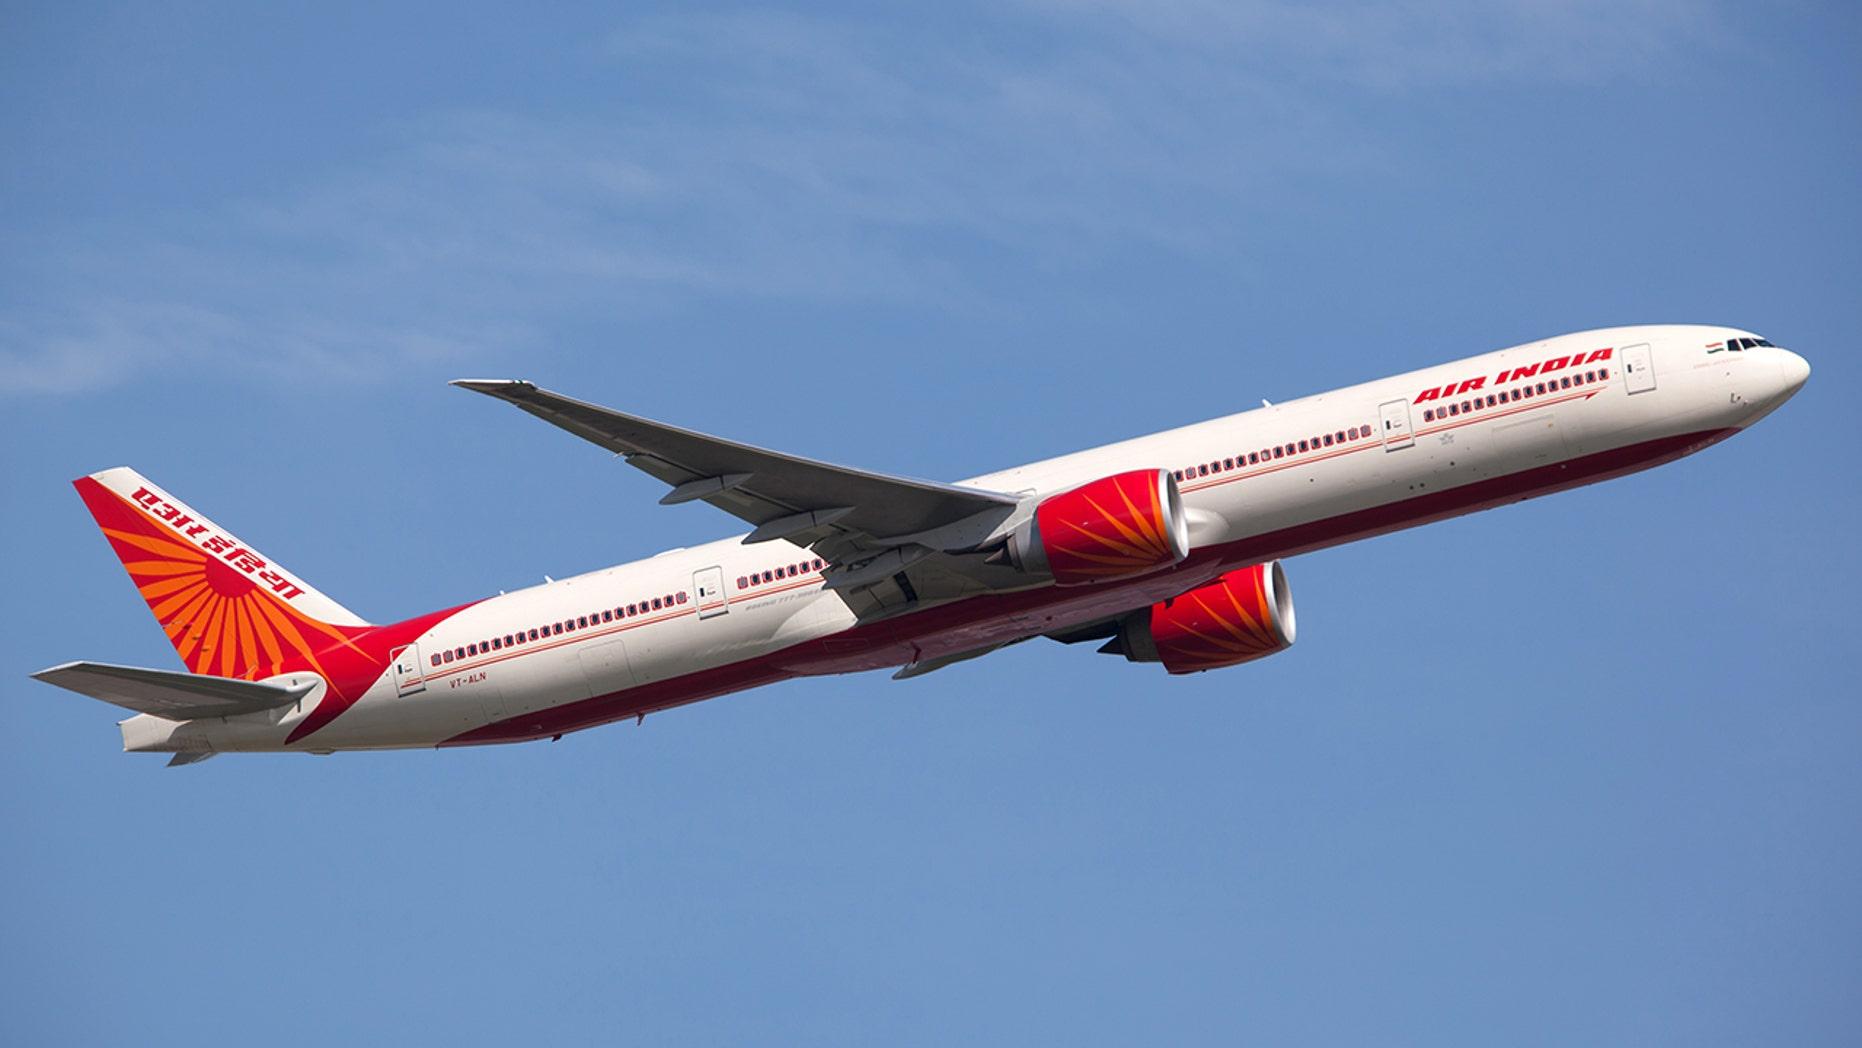 air india - photo #29